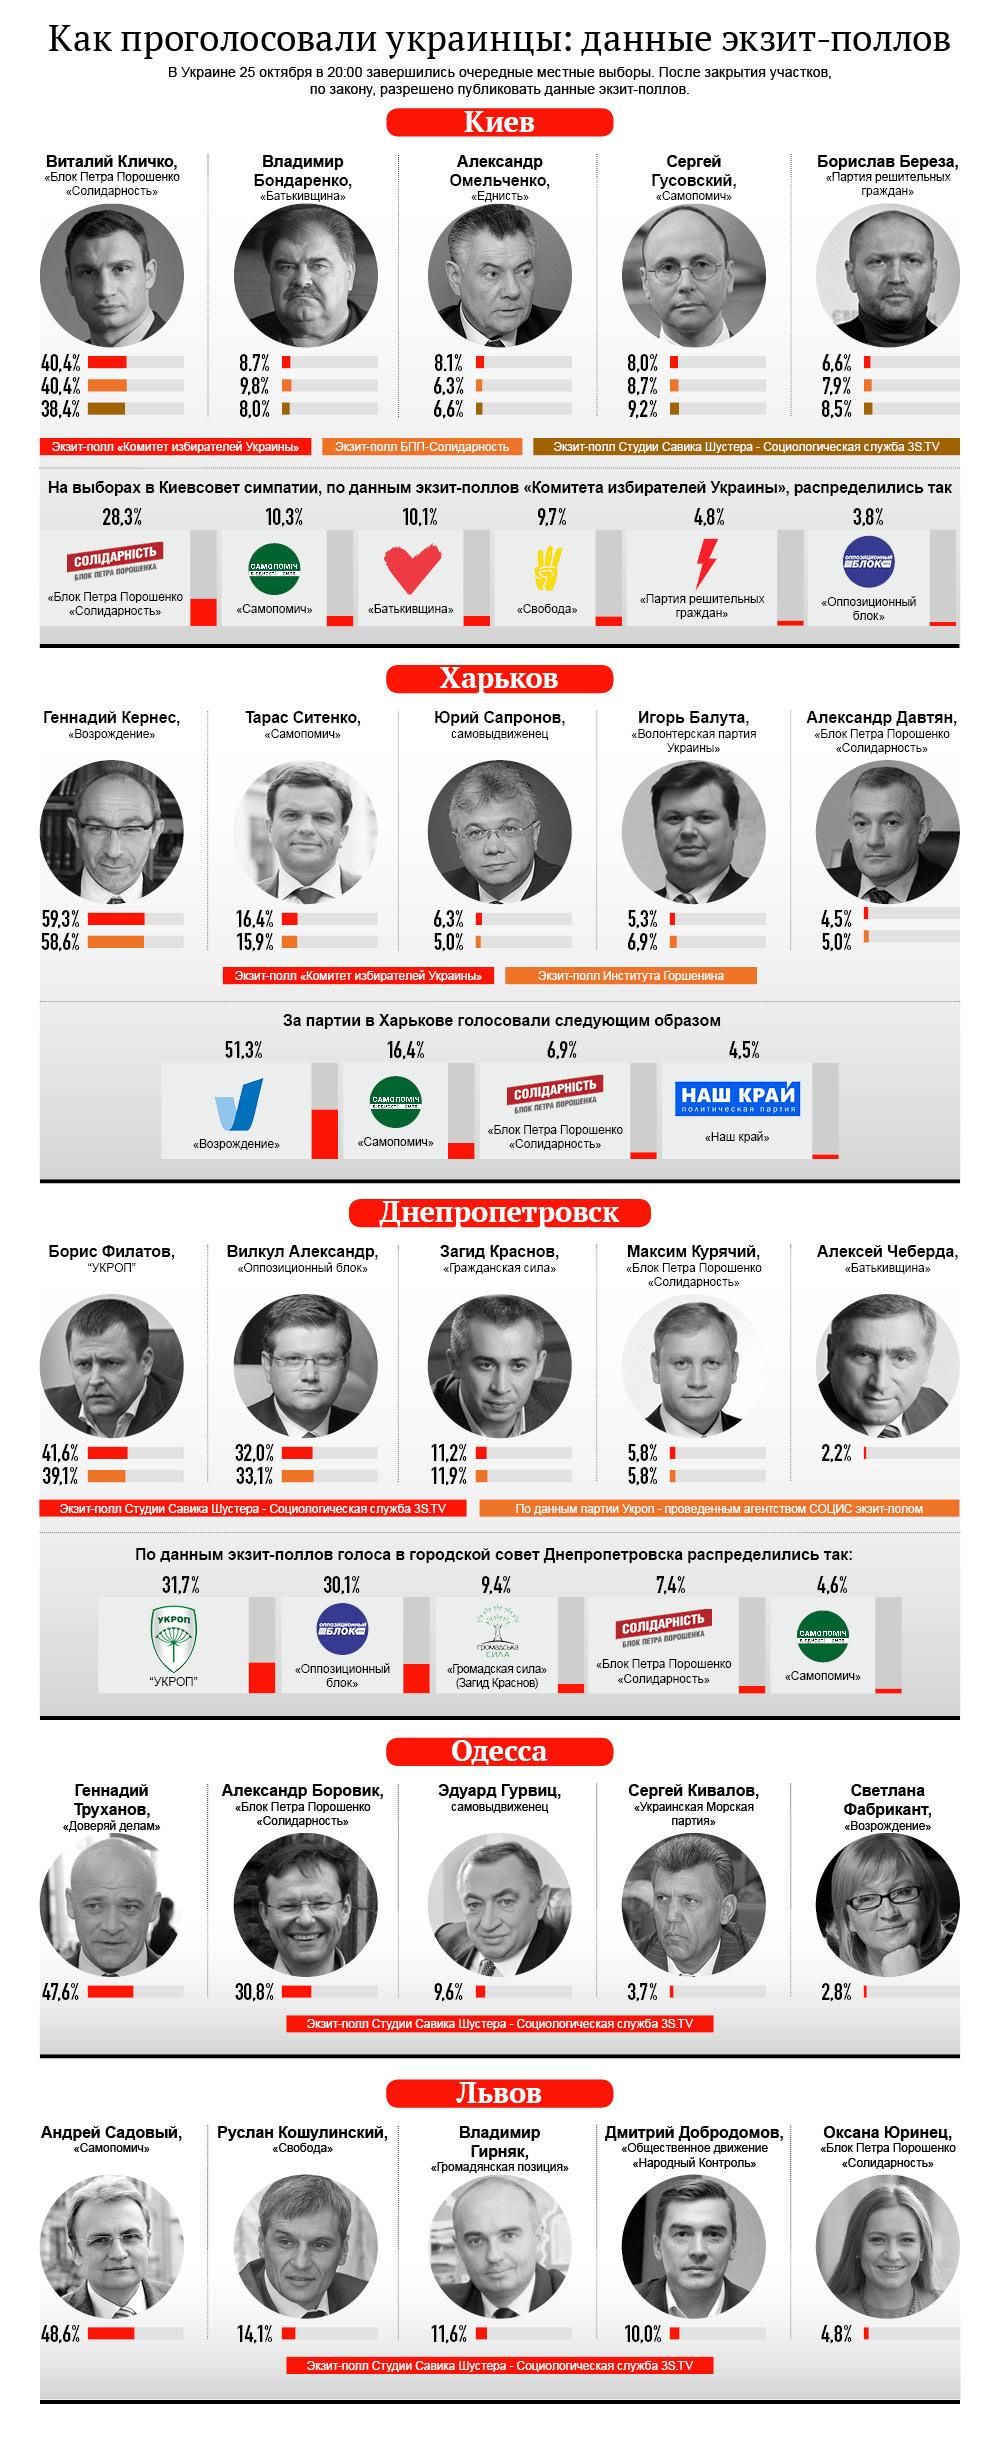 Как проголосовали украинцы: данные экзит-полов